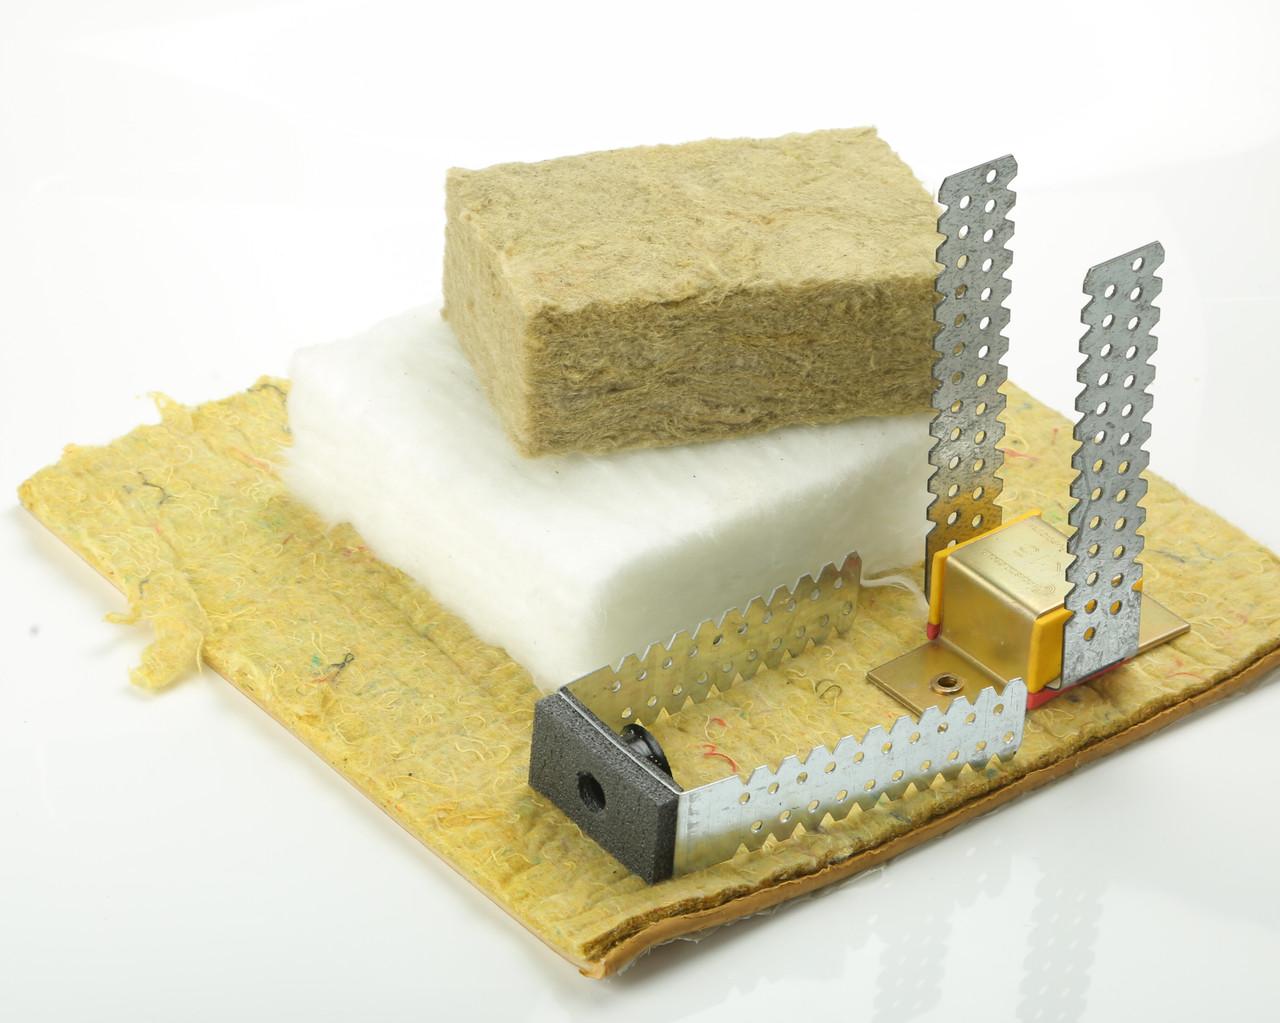 Звукоизоляционная полимерная мембрана Tecsound 70 (6.1 м2/упак.) толщ.3,8 мм